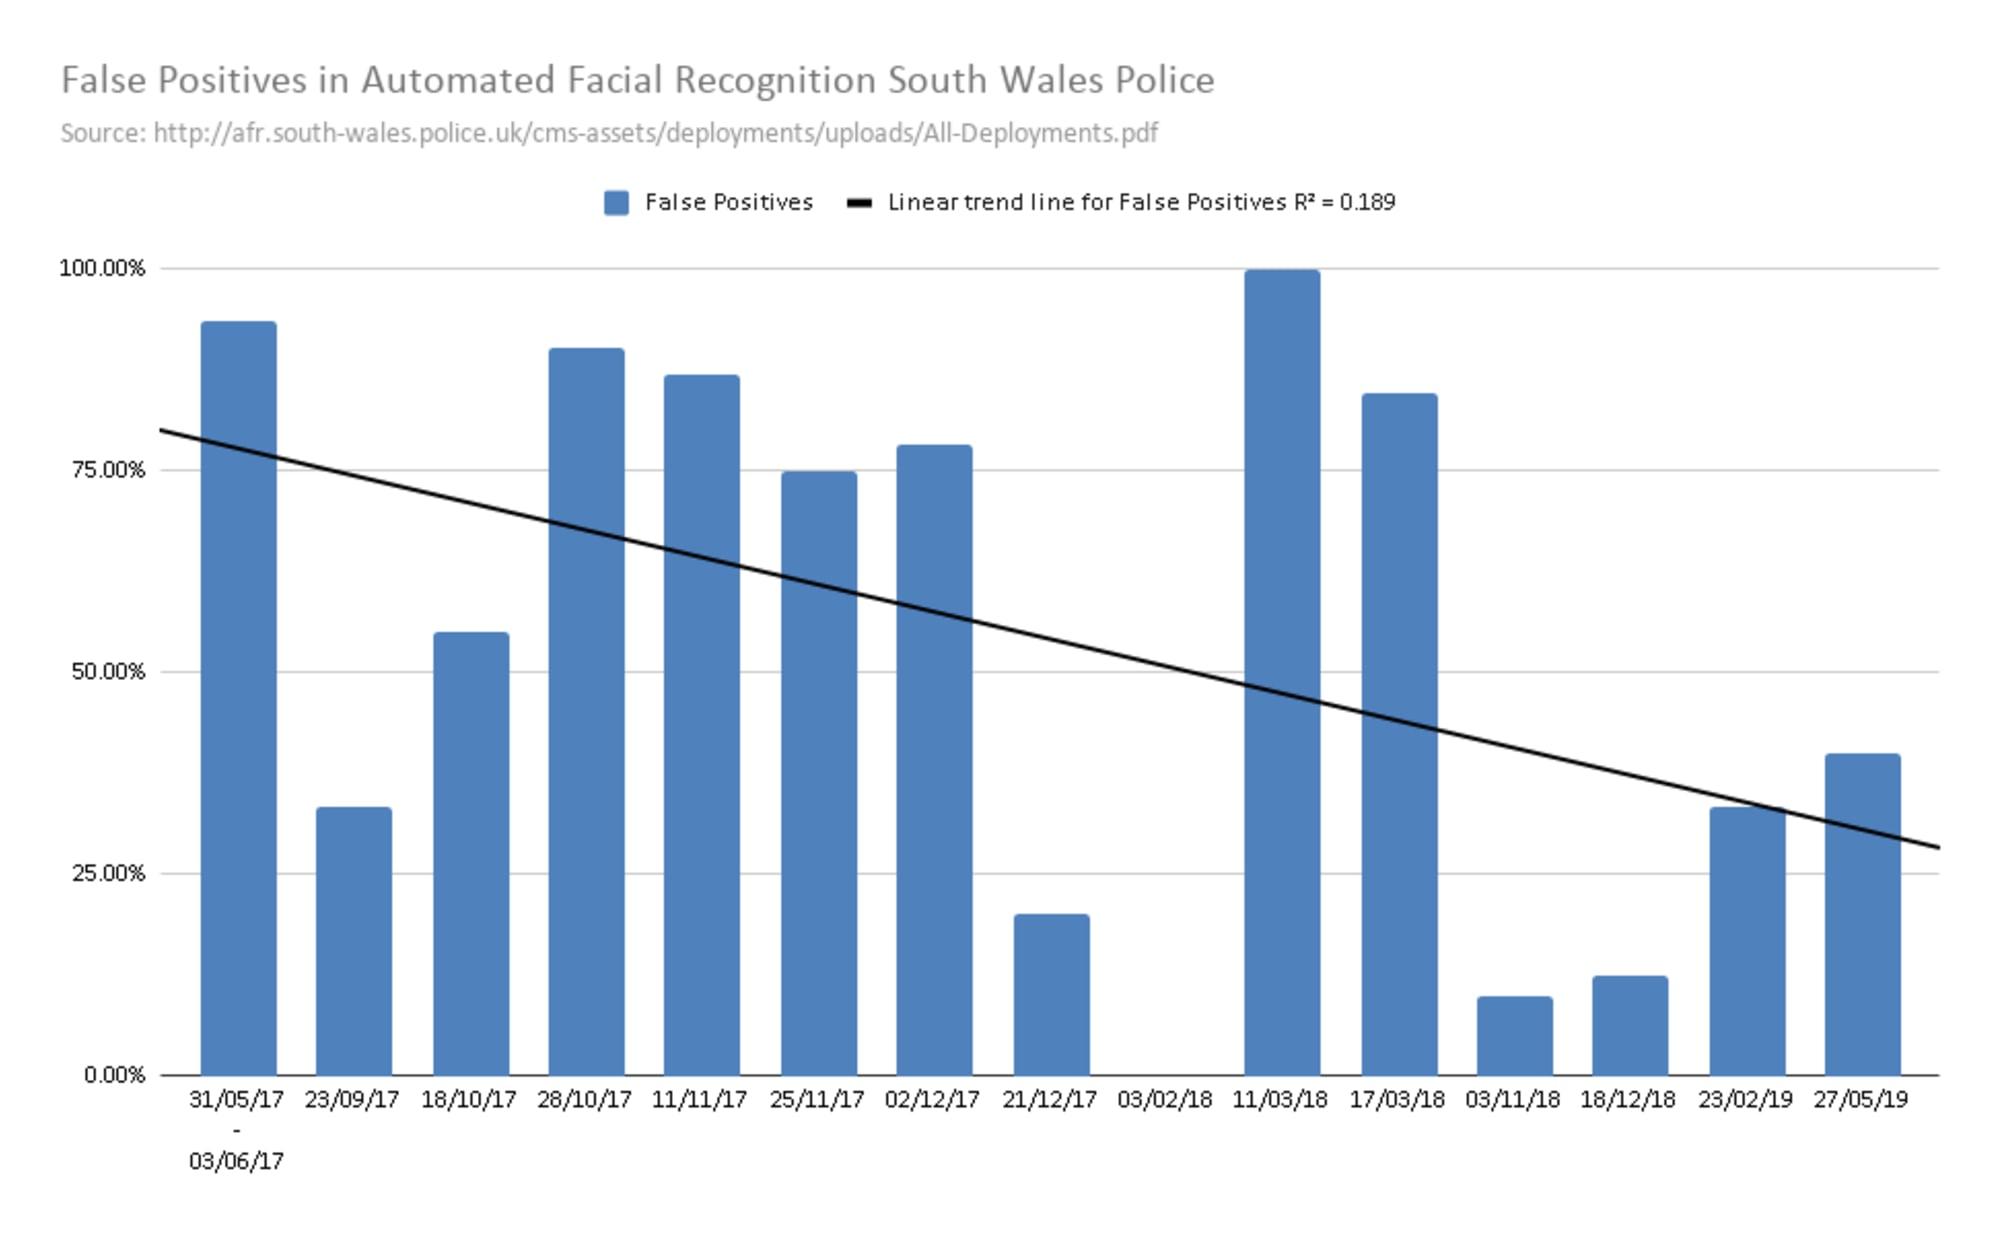 Entwicklung der False Positives in der Gesichtserkennung bei South Wales Police. Tendenz fallend aber mit hoher Varianz